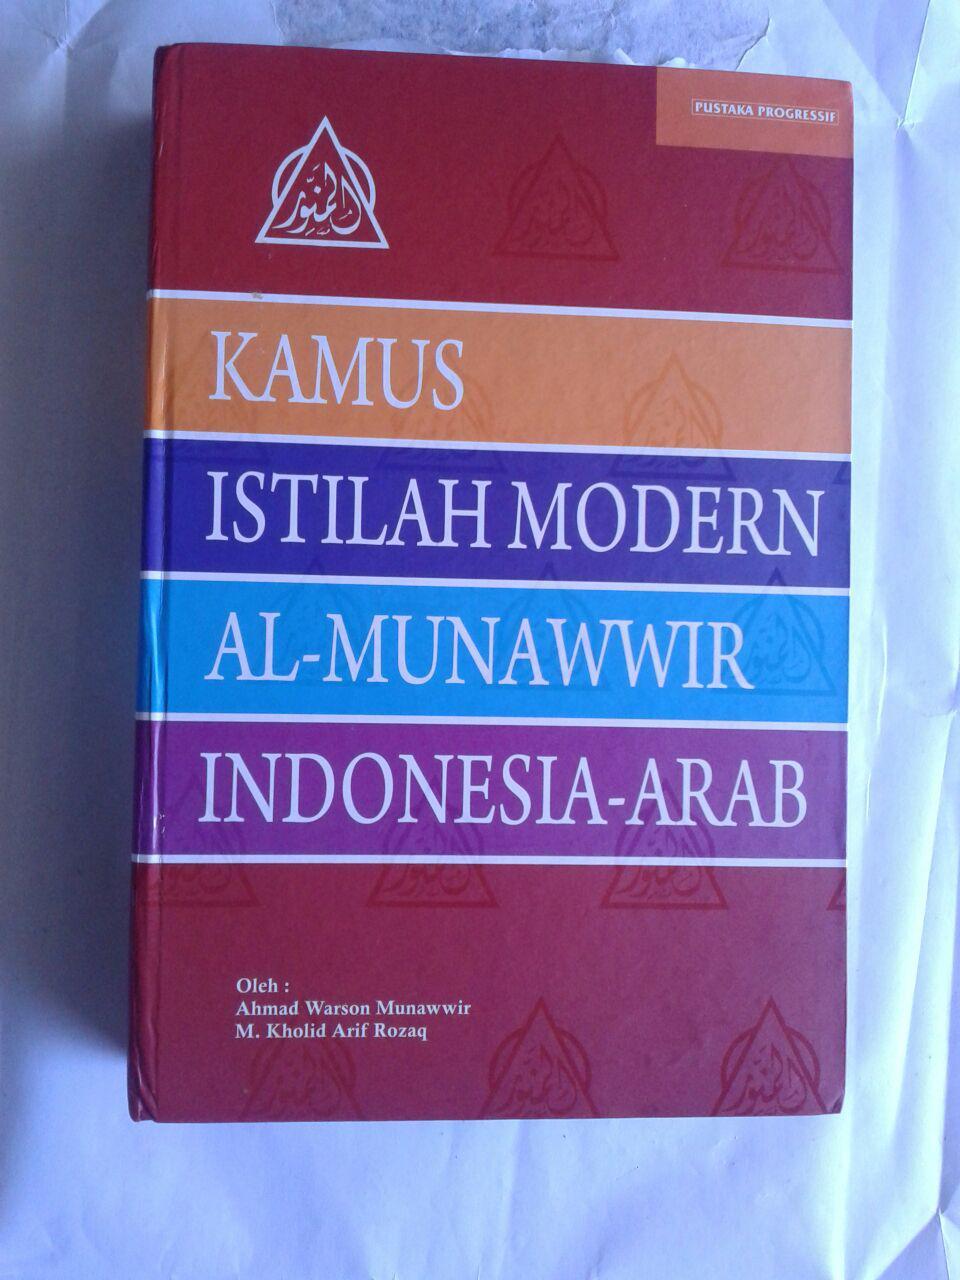 Buku Kamus Istilah Modern Al-Munawwir Indonesia-Arab cover 3